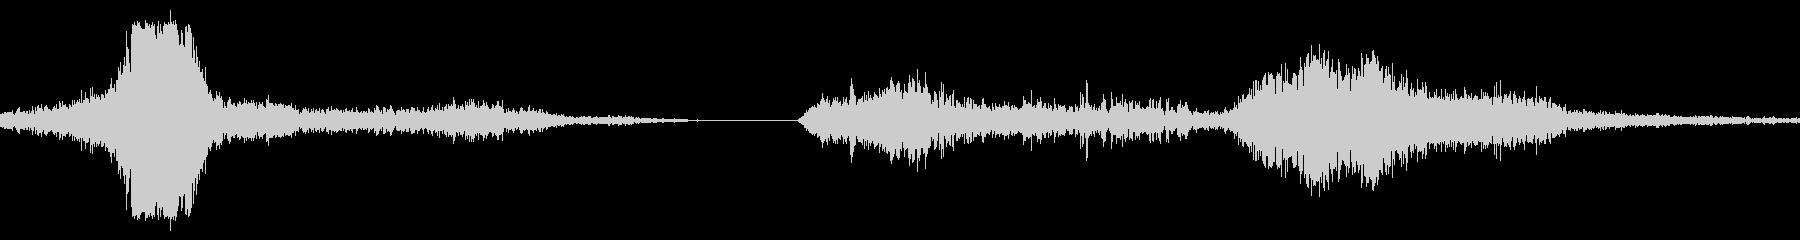 フォードTバードインファースト、ス...の未再生の波形